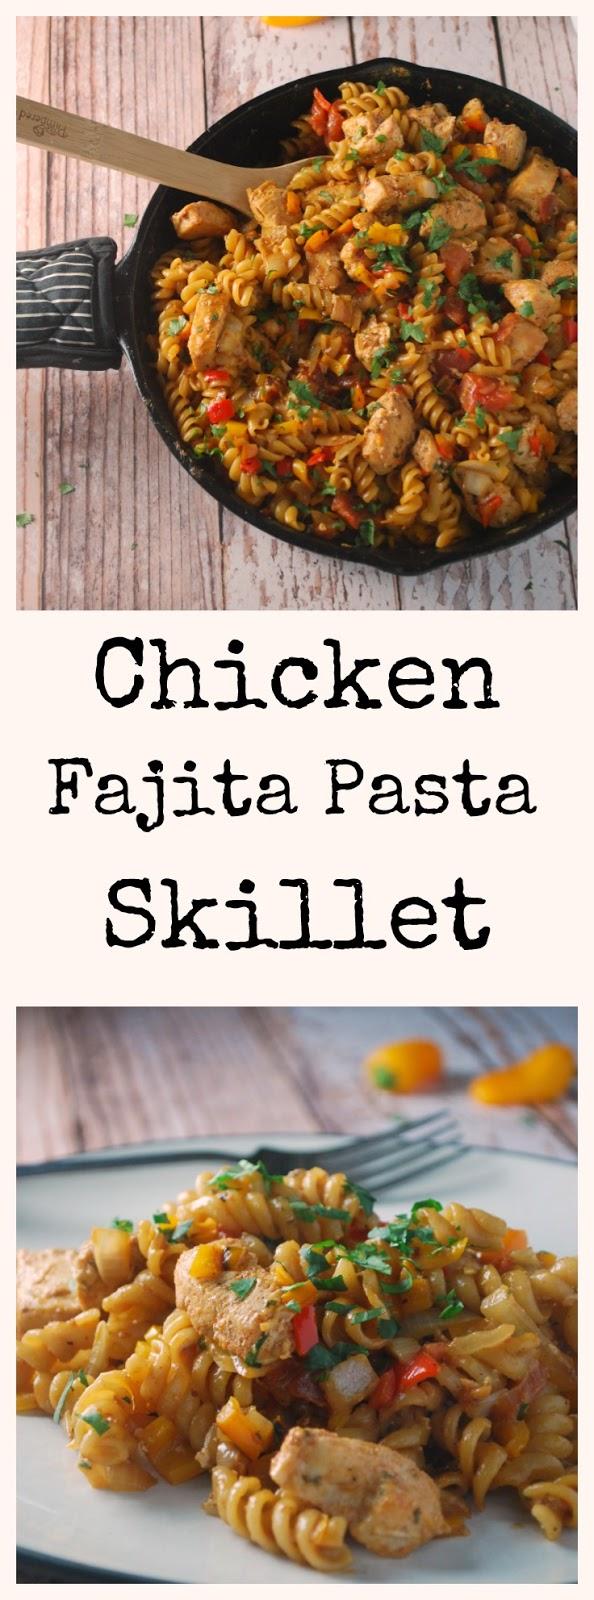 30 minutes skillet fajita pasta